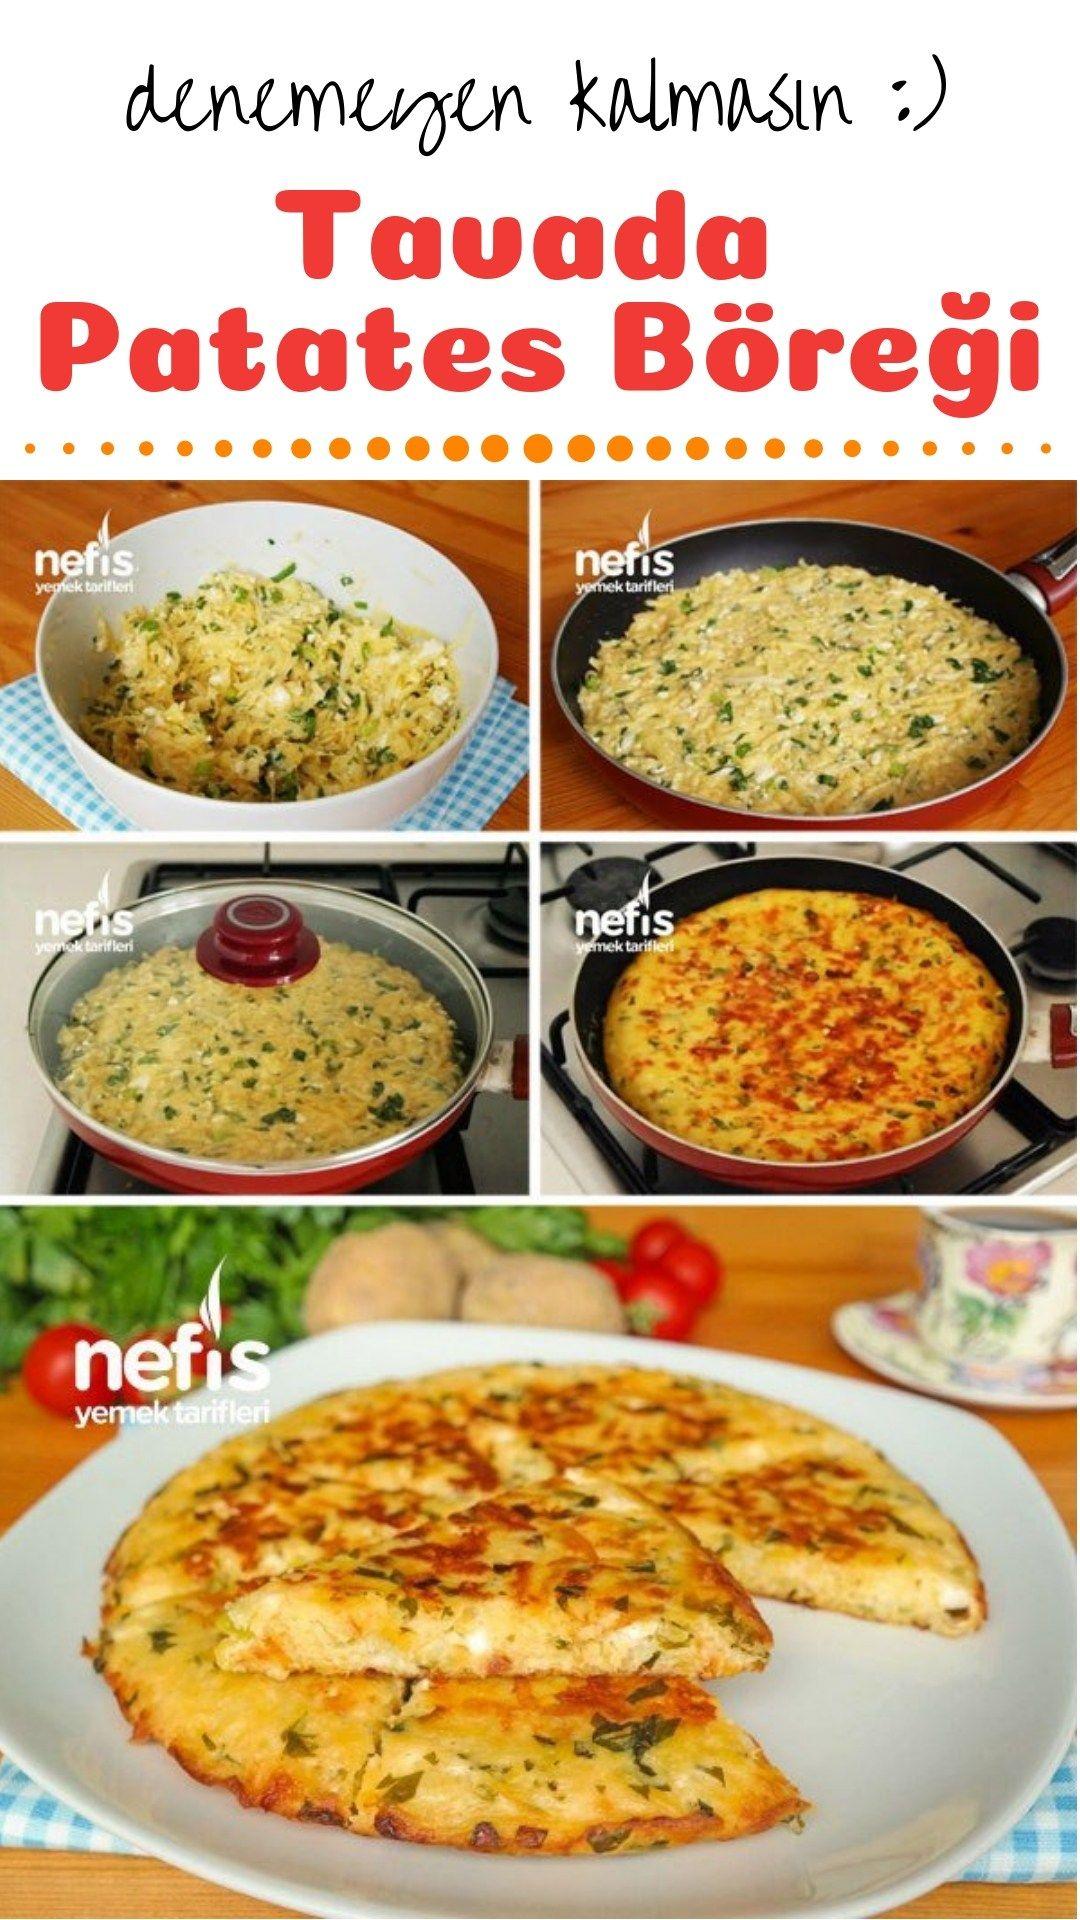 Farklı yemekler için farklı tavada patates tava nasıl